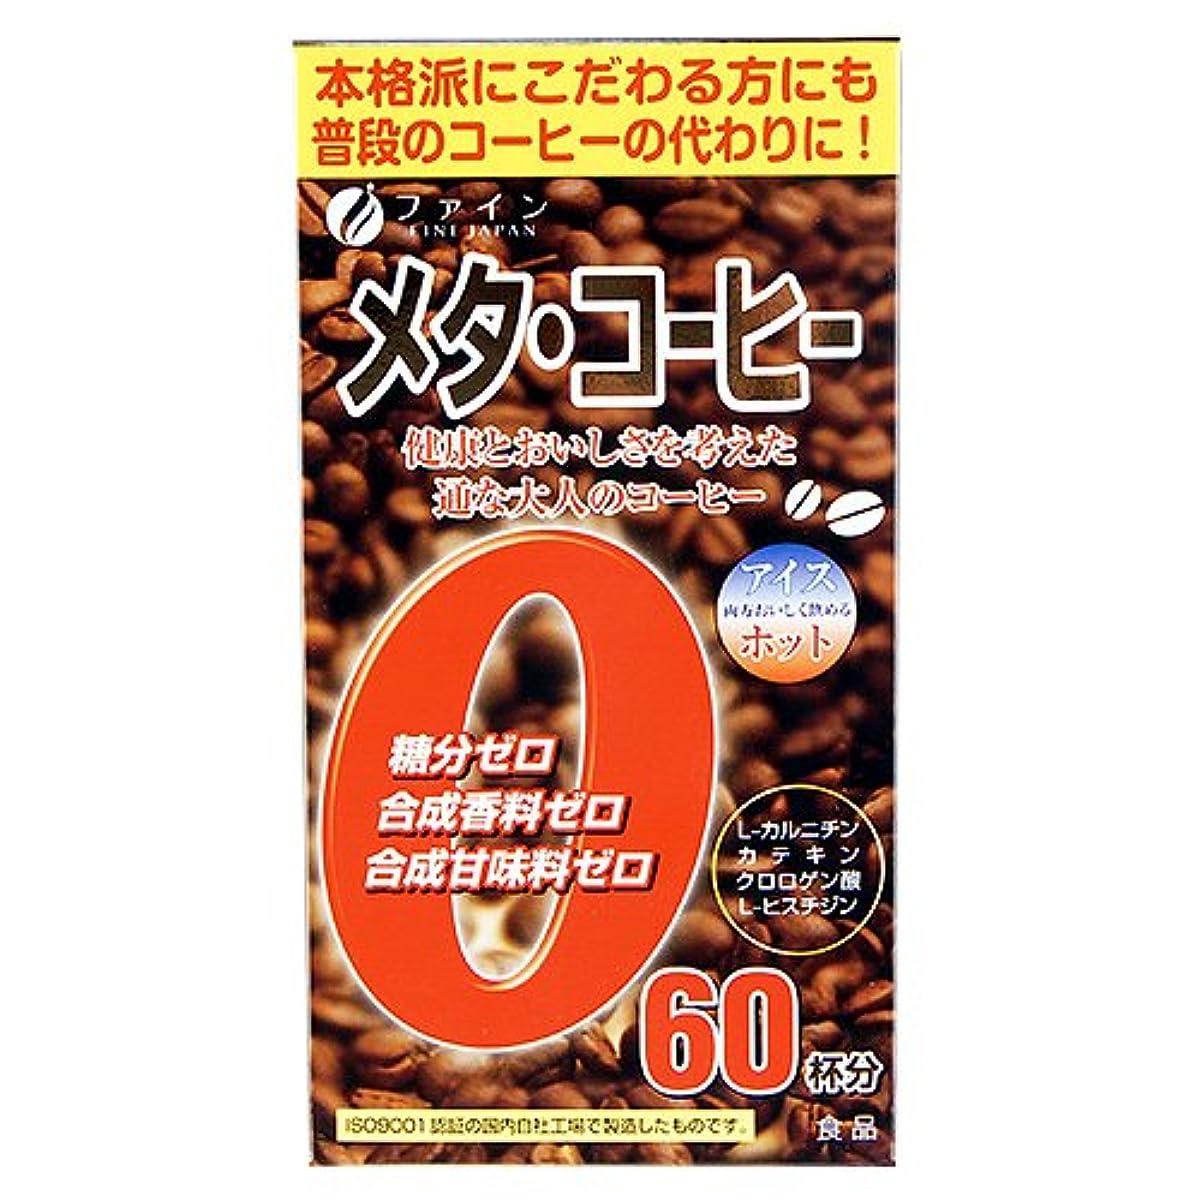 スイドア訪問メタコーヒー 66g 1.1g×60包 ファイン